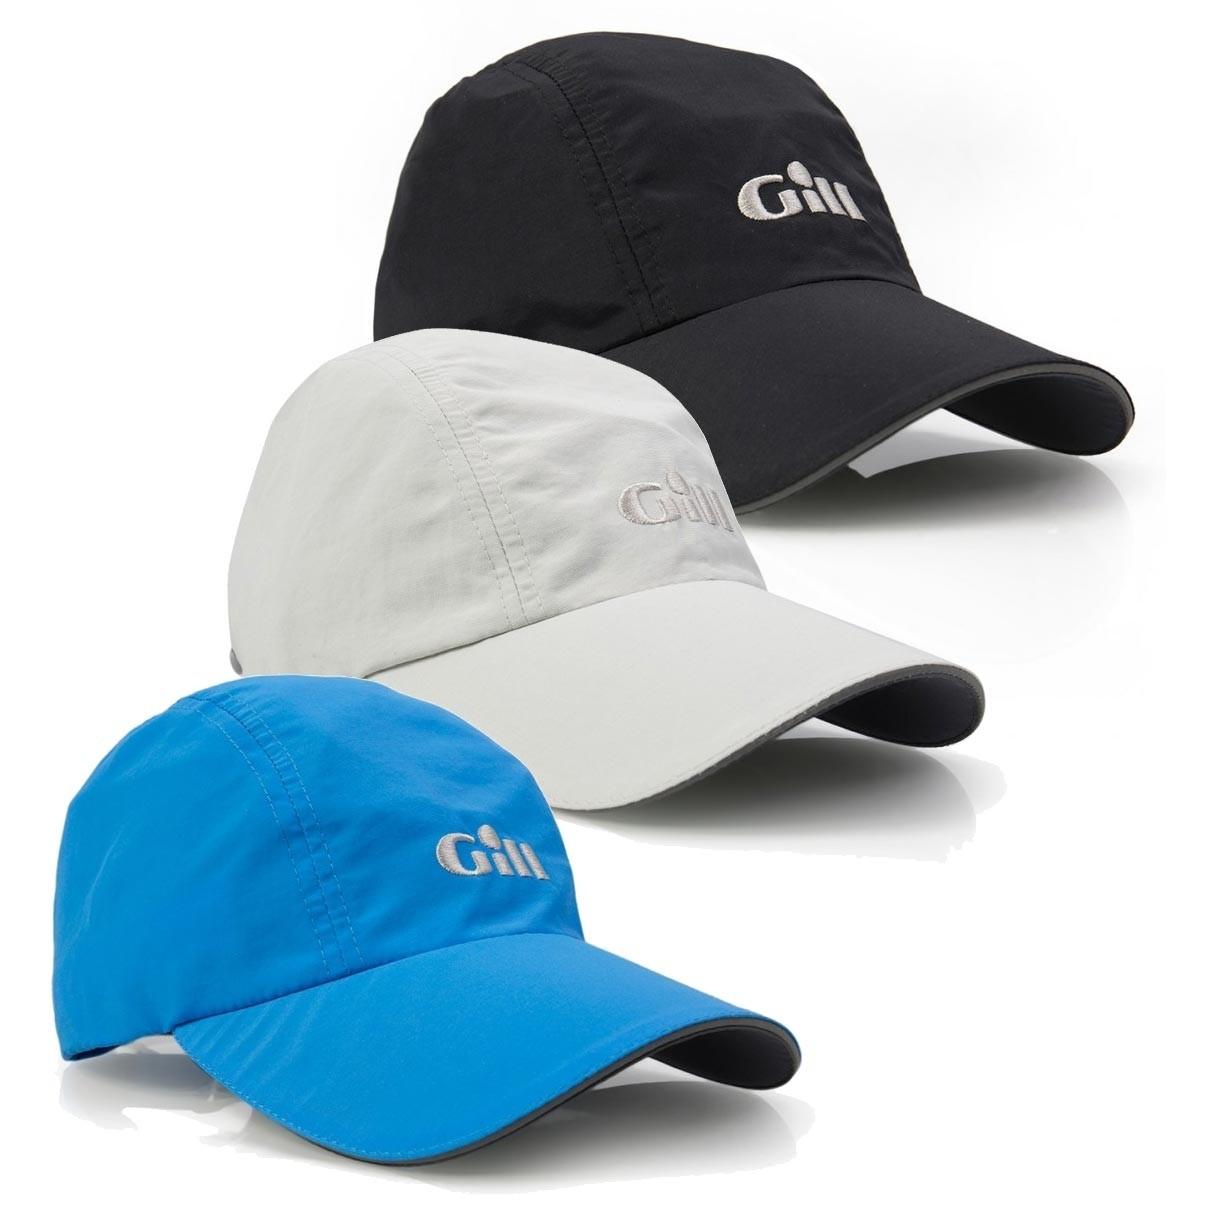 Gill Regatta Cap - Hats 7f5ce7fd4f4e